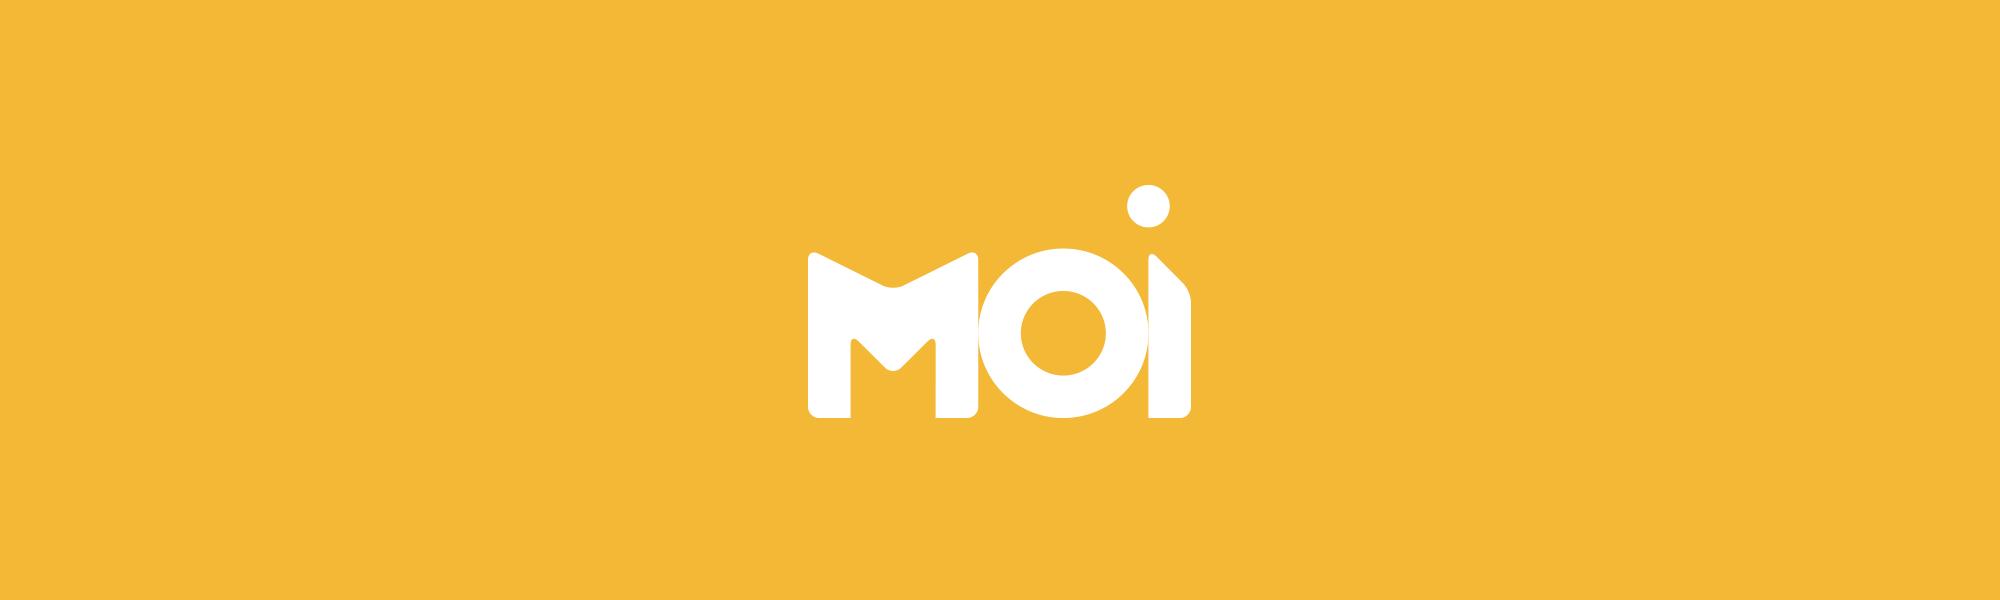 Bannière - Création communication visuelle - MOI